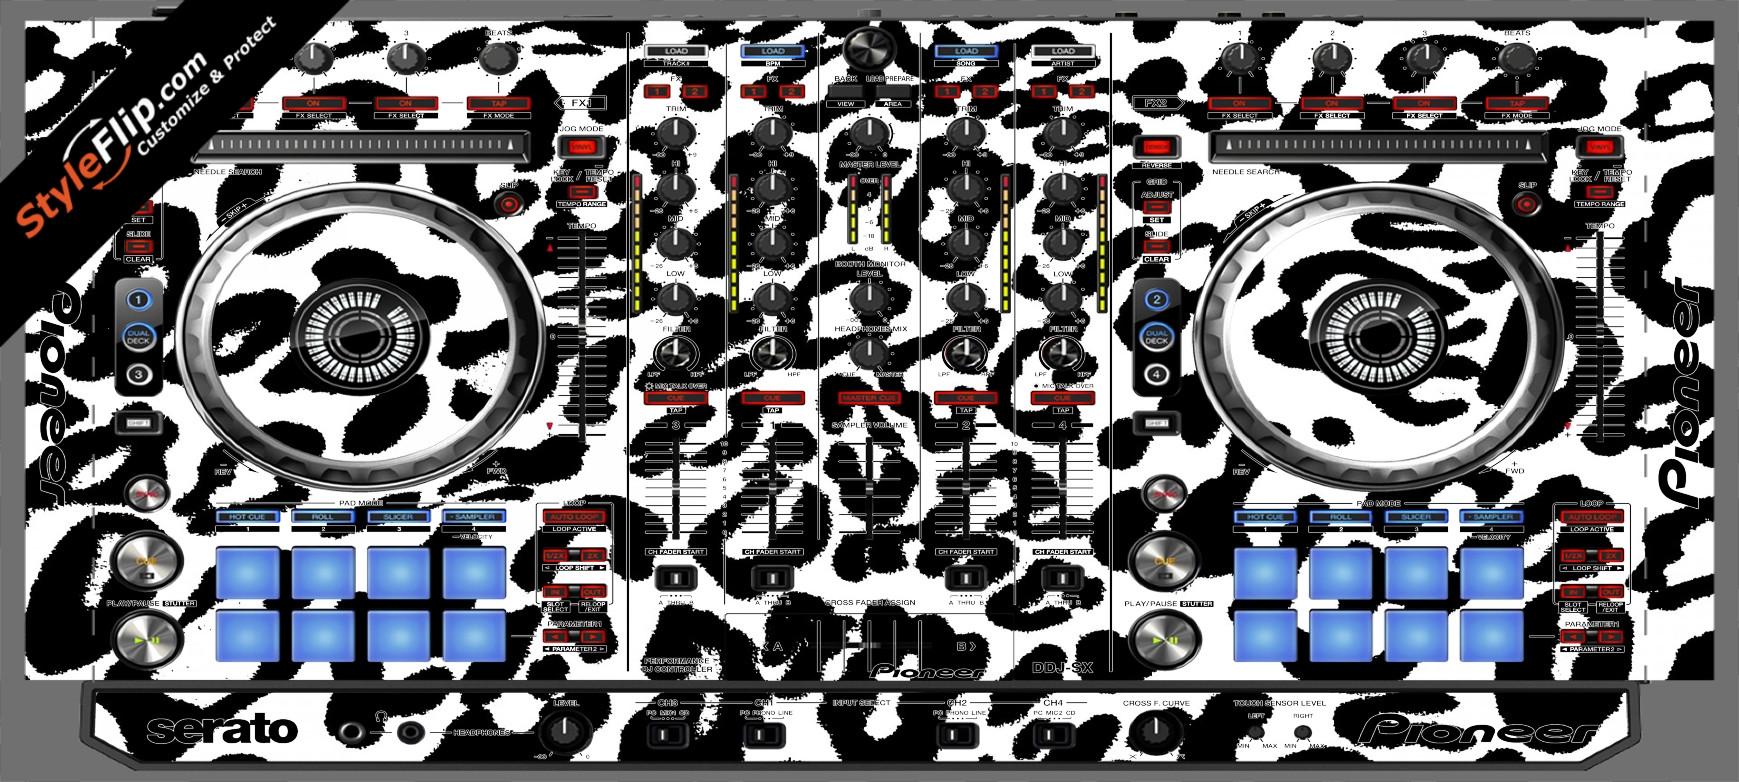 Snow Leopard  Pioneer DDJ-SX